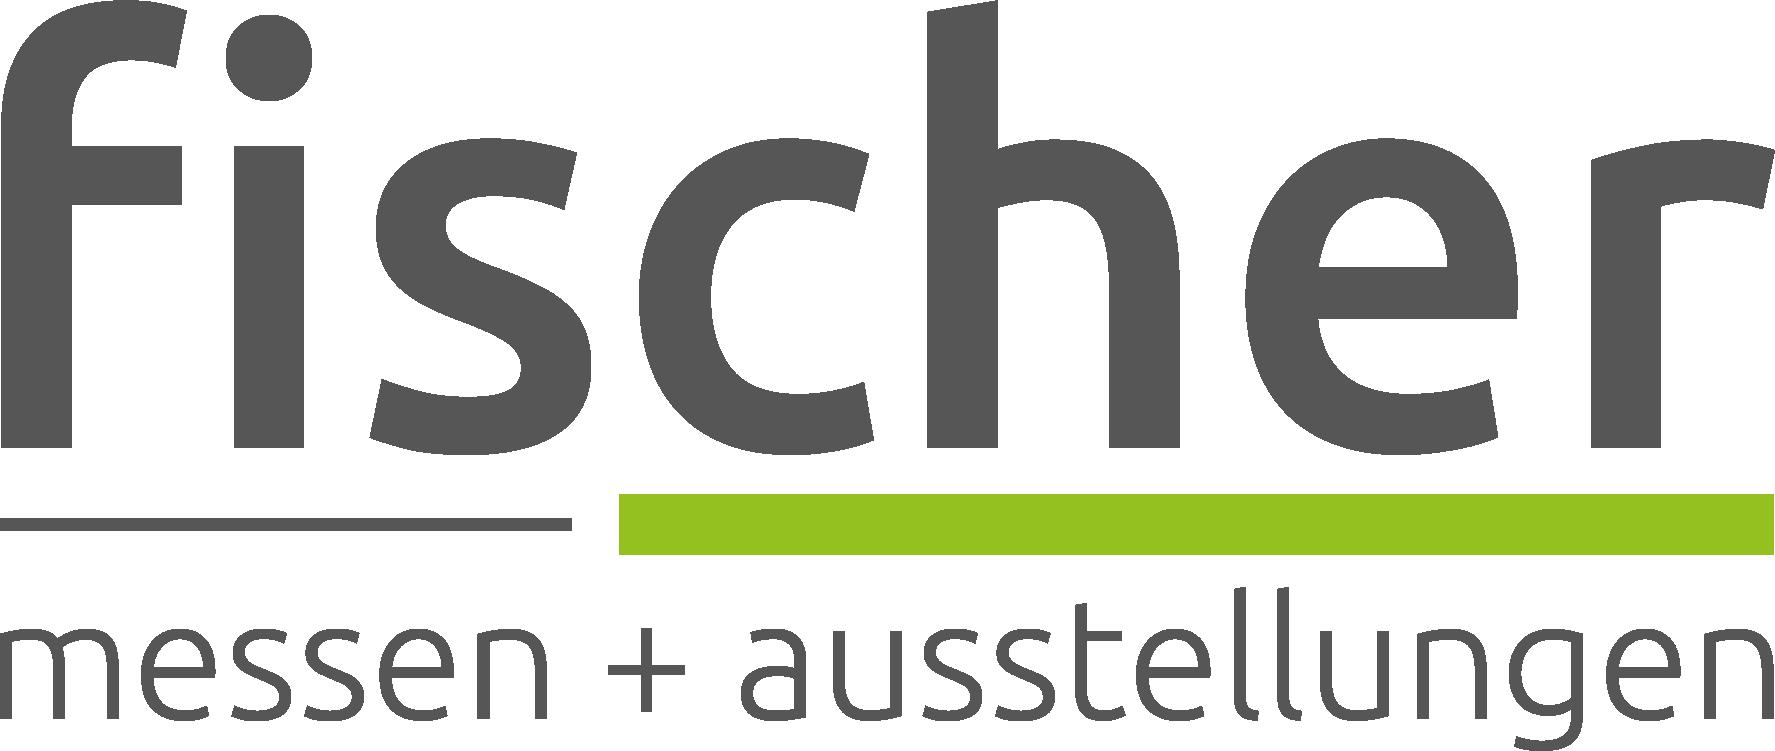 Fischer Messe GmbH Logo